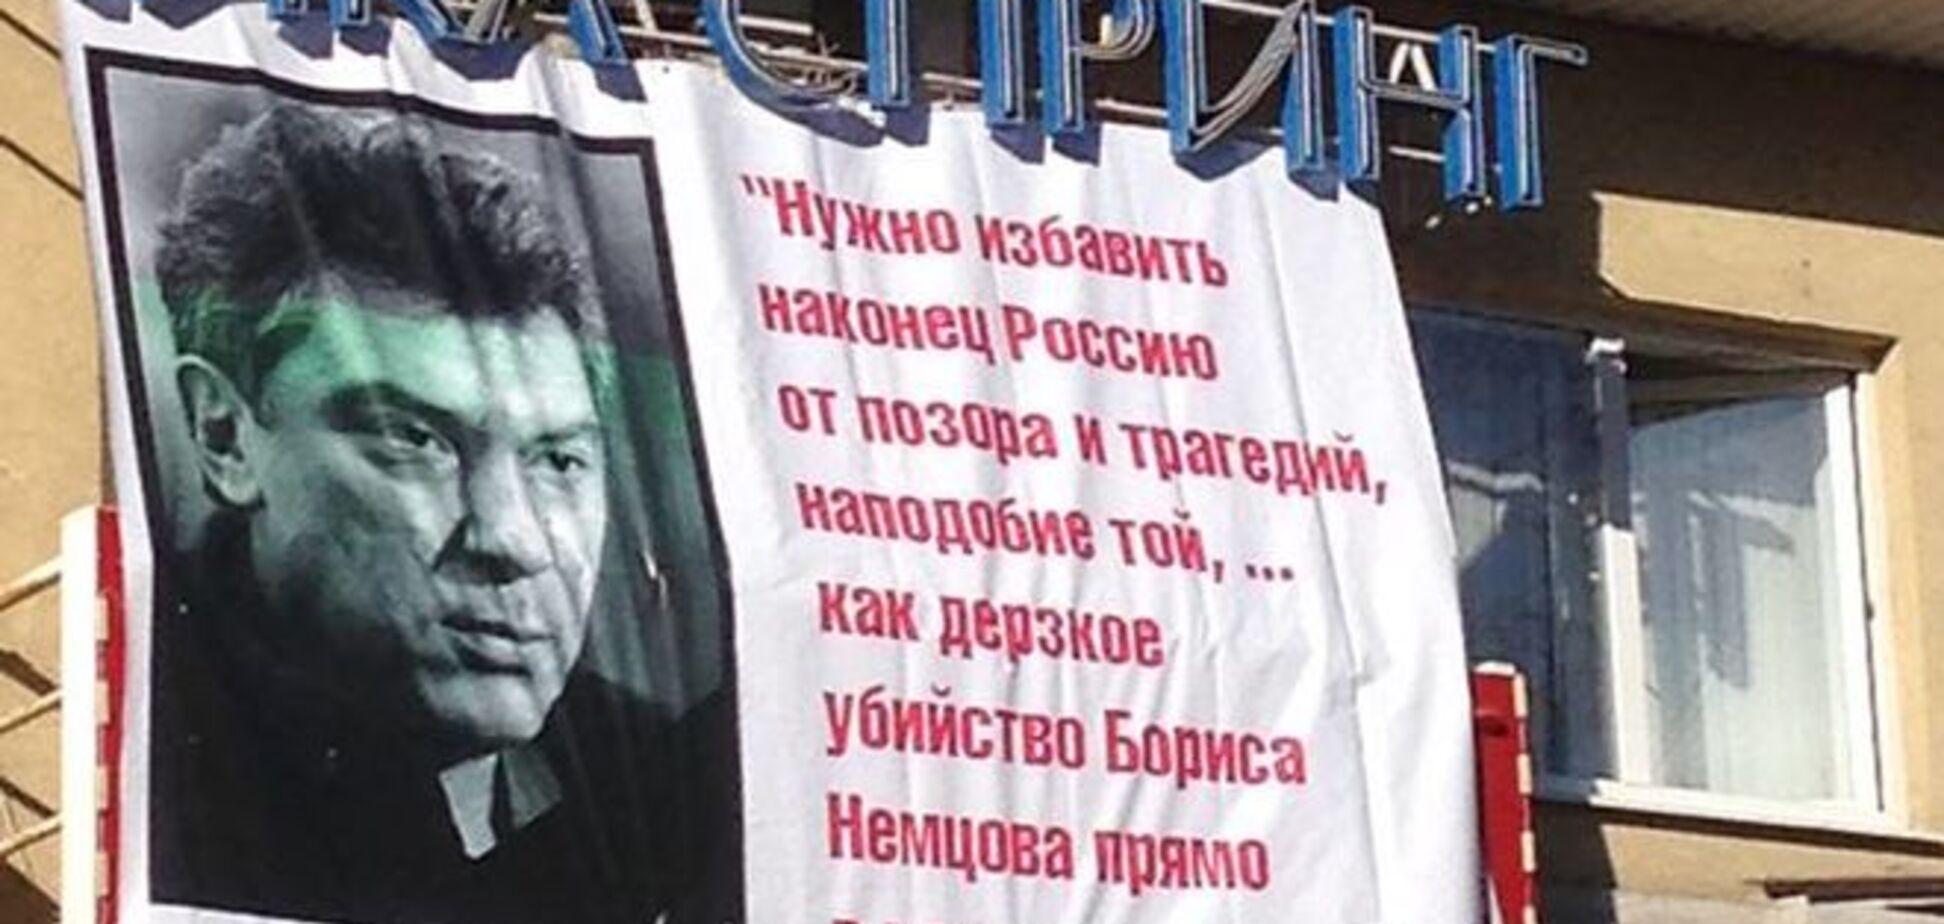 В Нижнем Новгороде силовики решили проверить цитату Путина на экстремизм